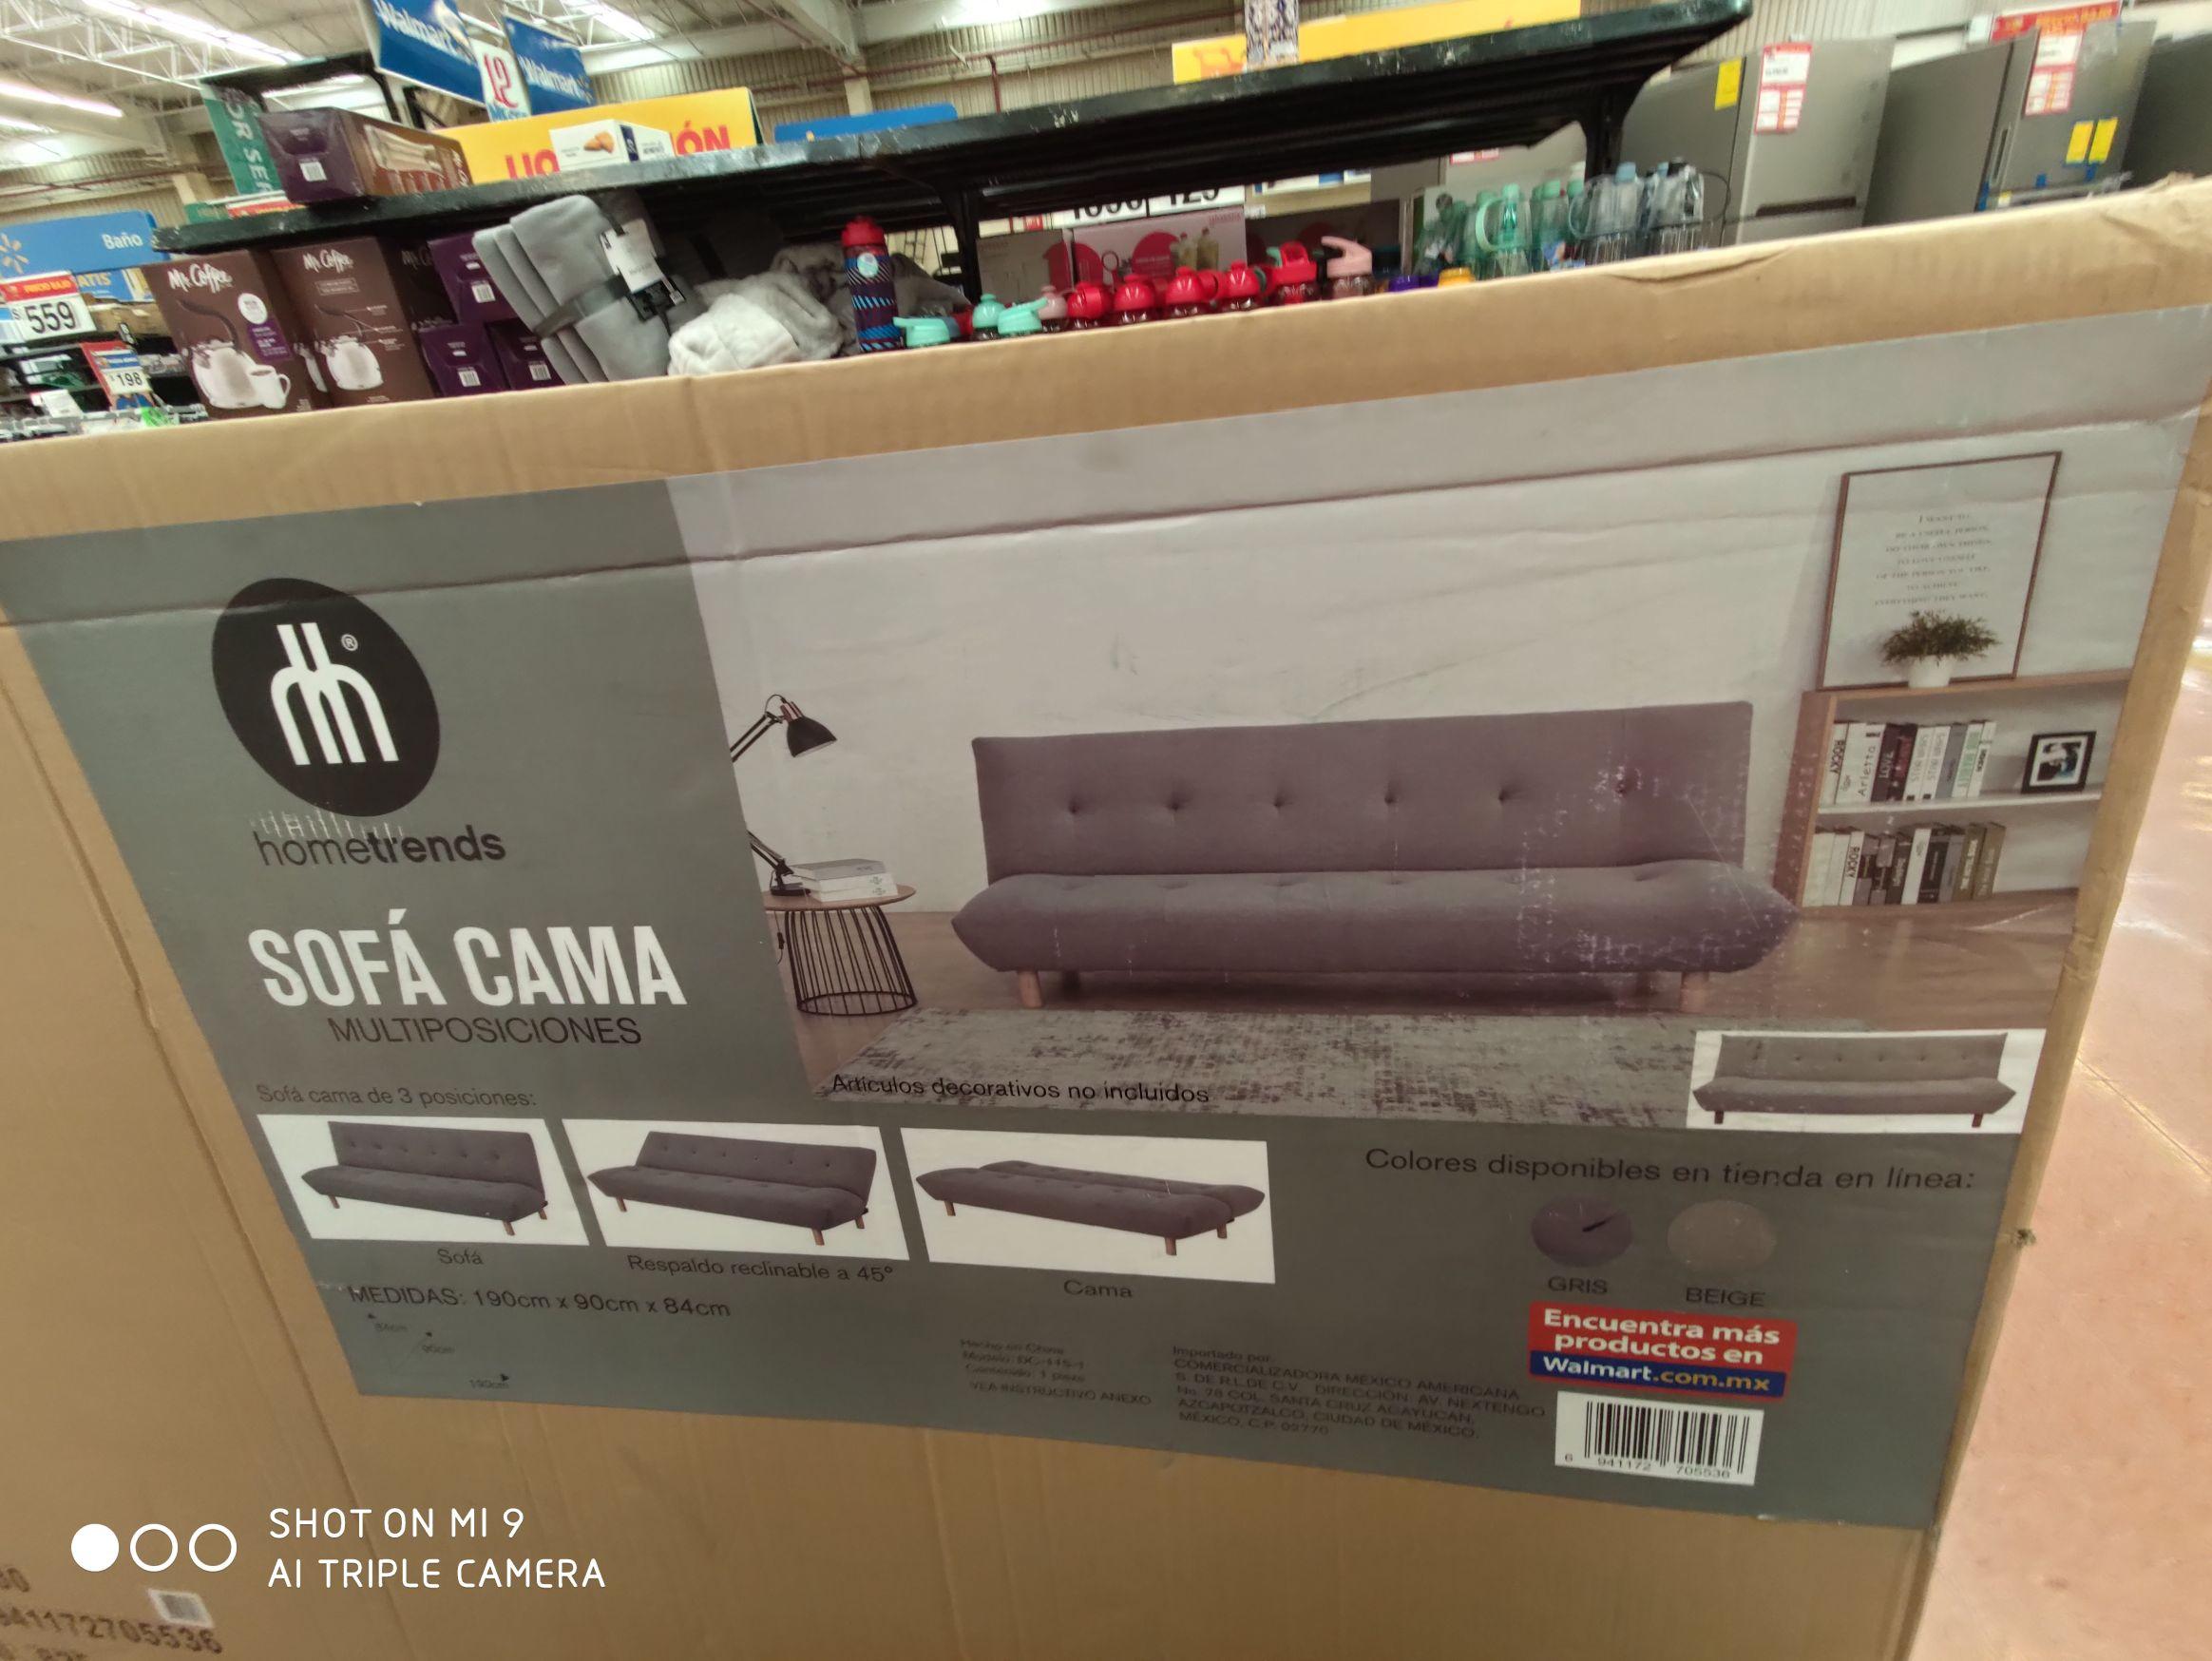 Walmart: Sofá cama en liquidación